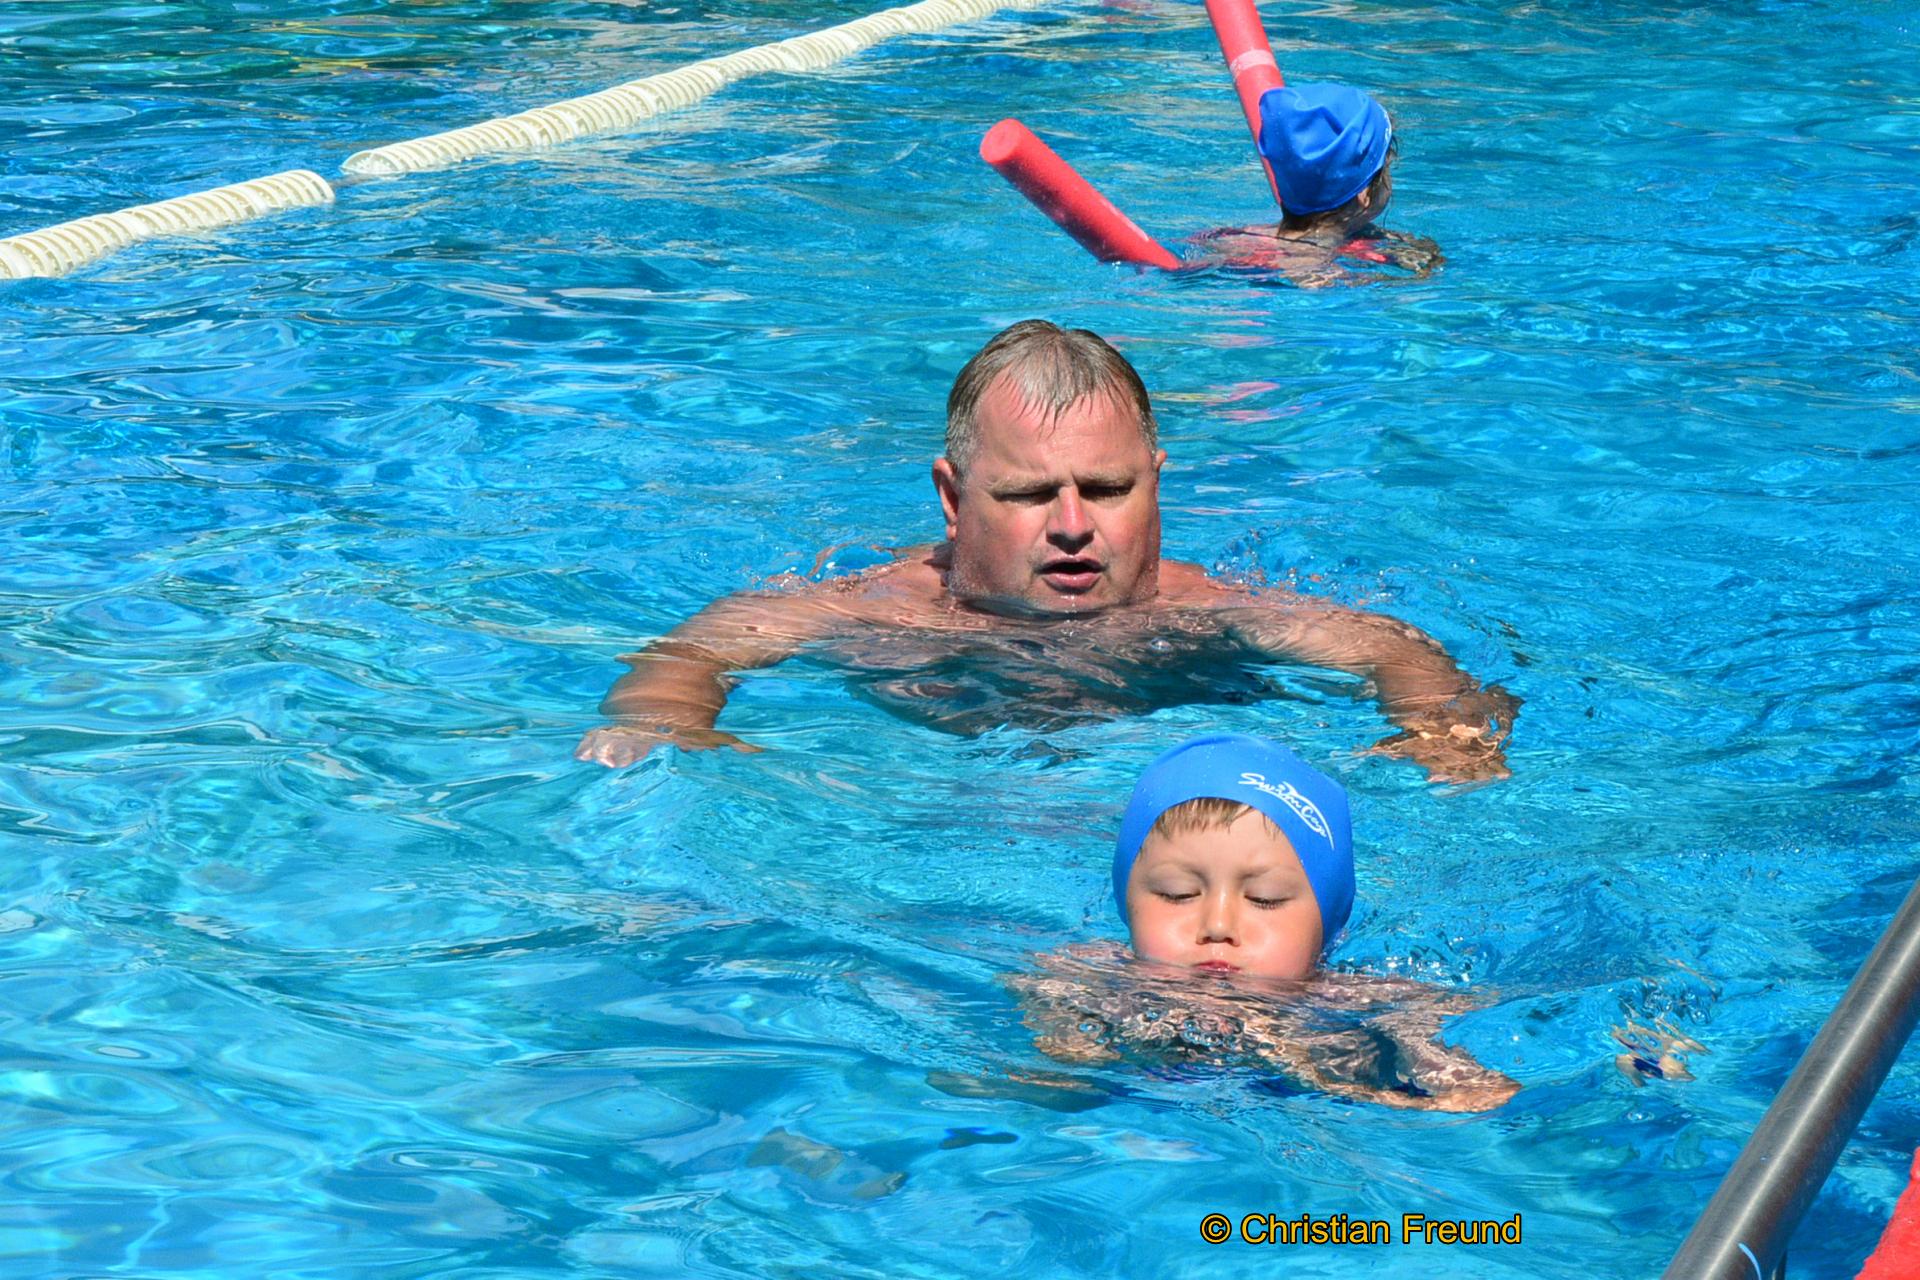 Obergrochlitzer Ortsteilbürgermeister war aktiv im Hohenleubener Schwimmlager